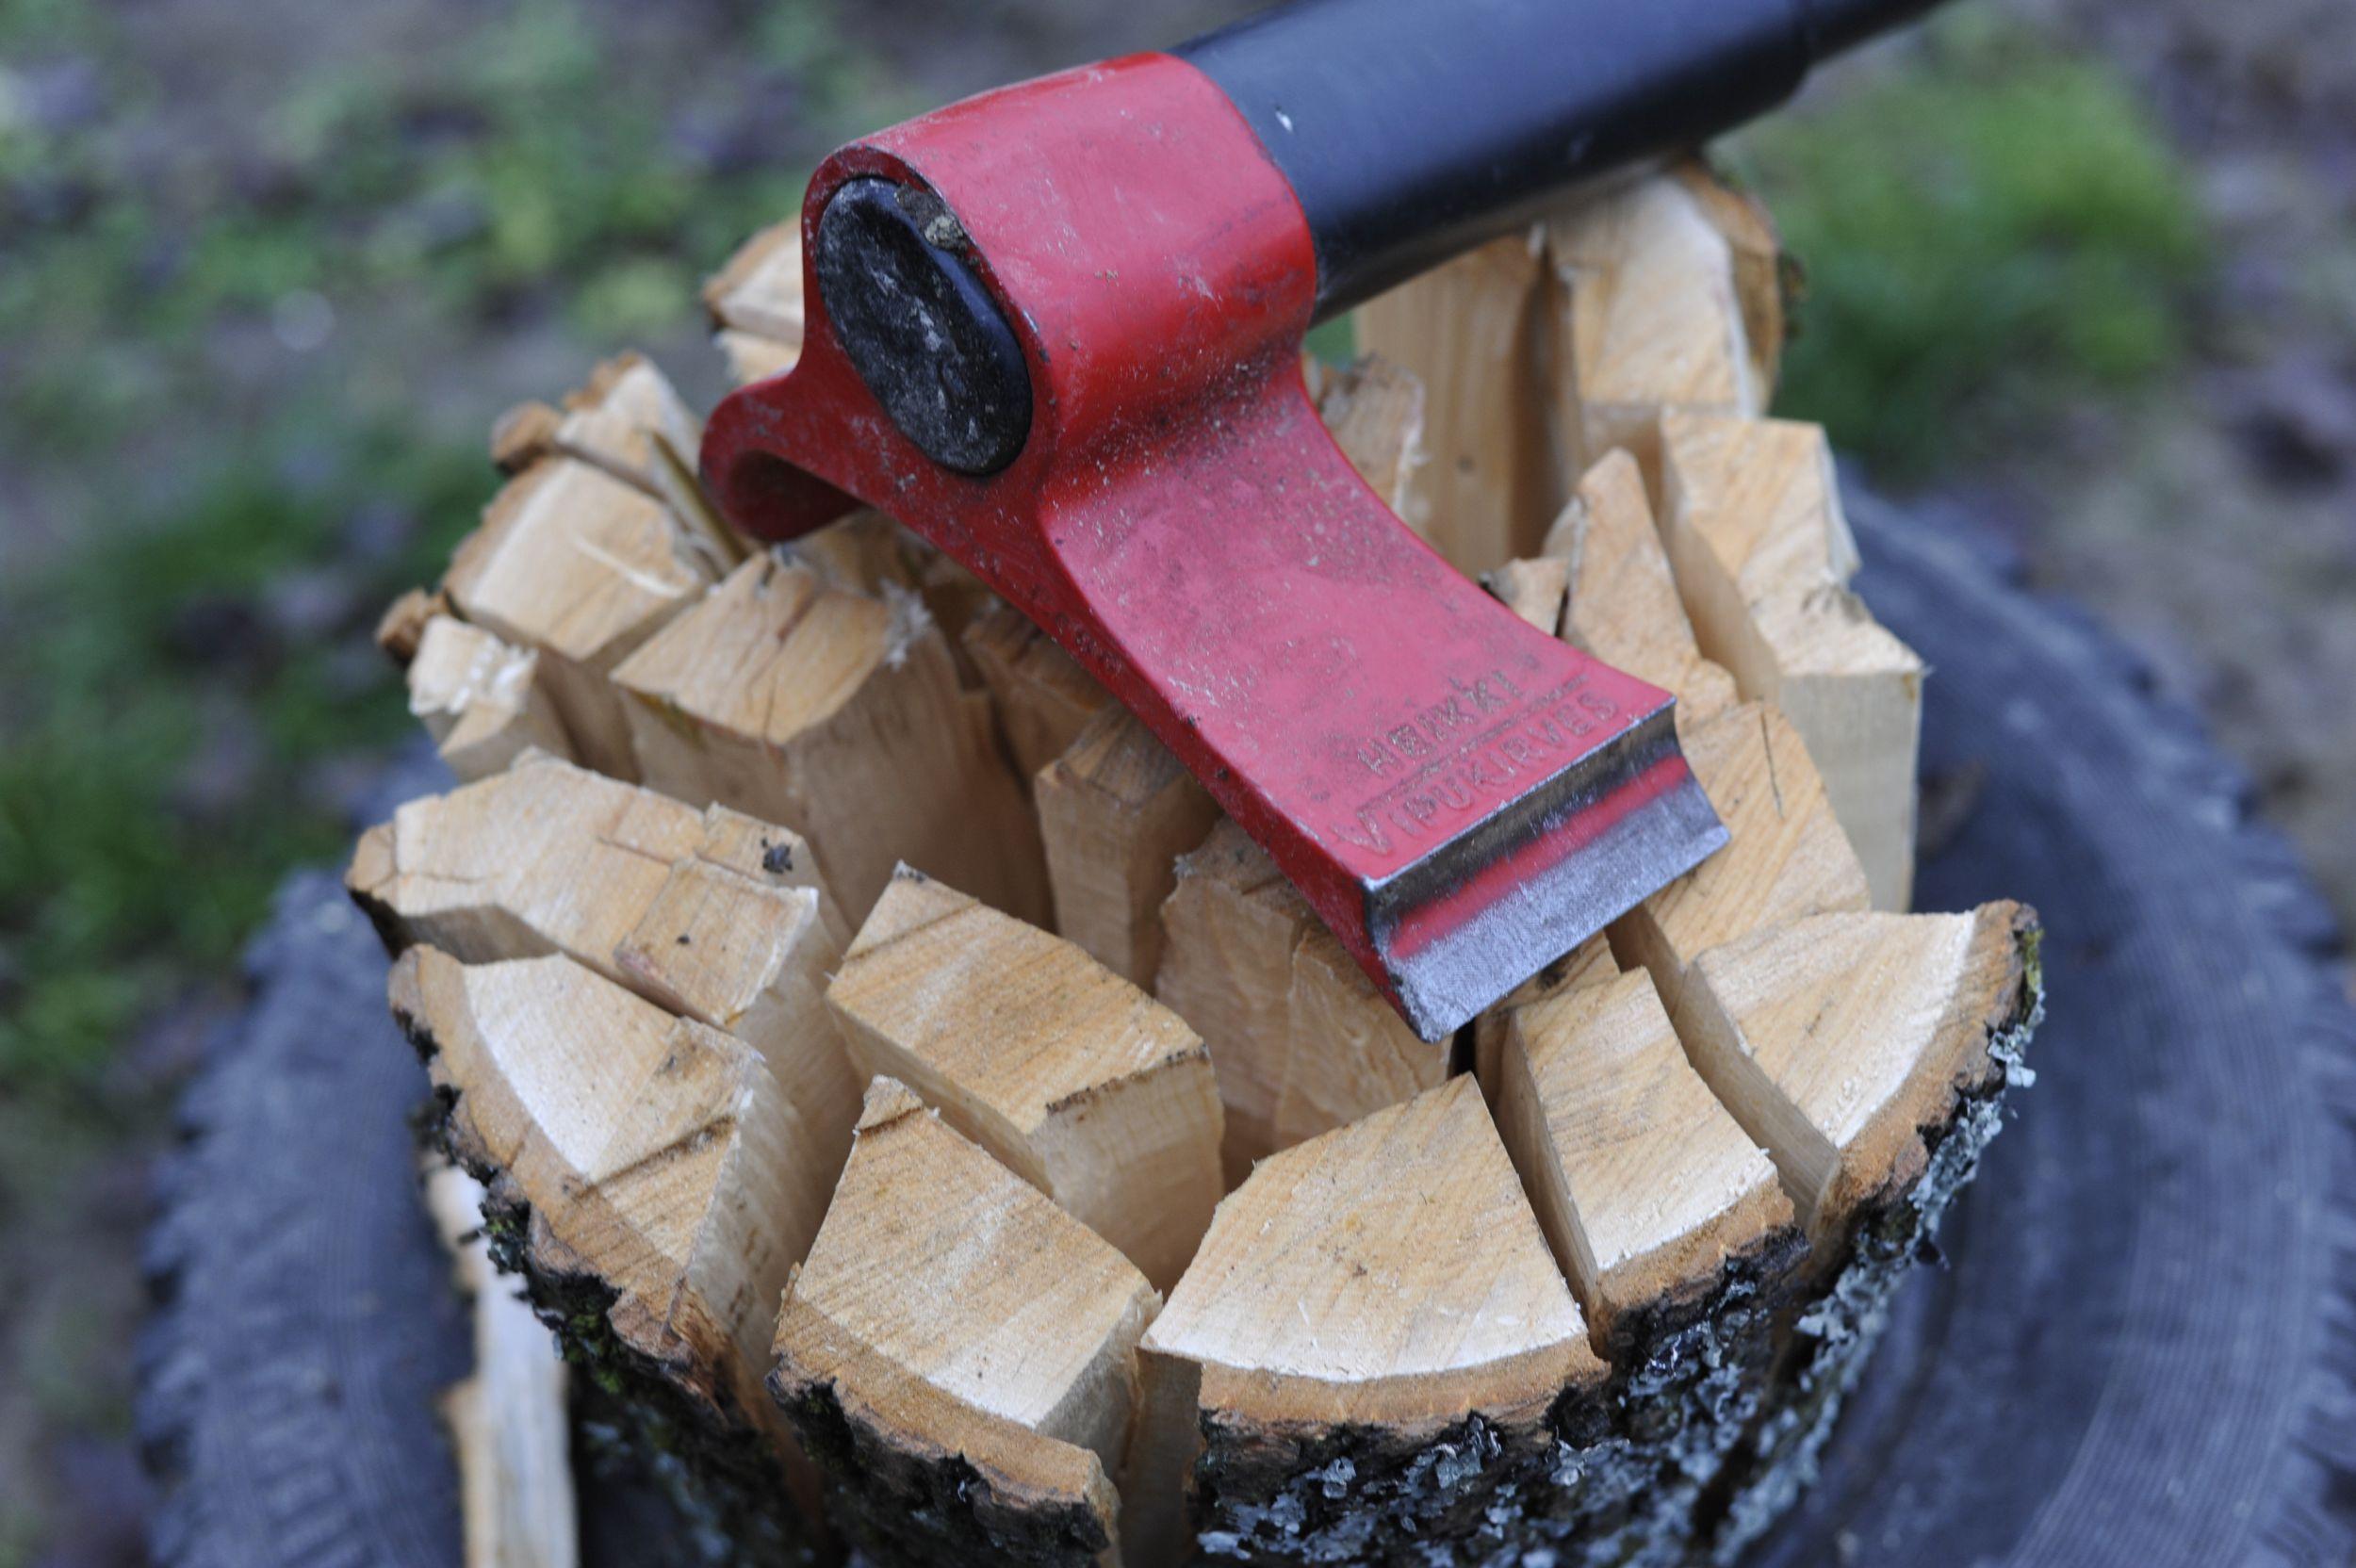 Precyzyjnie pocięte drzewo i opona, którą Lars wykorzystuje do przetrzymywania drzewa, żeby nie leżało na ziemi (fot. Lars Mytting)